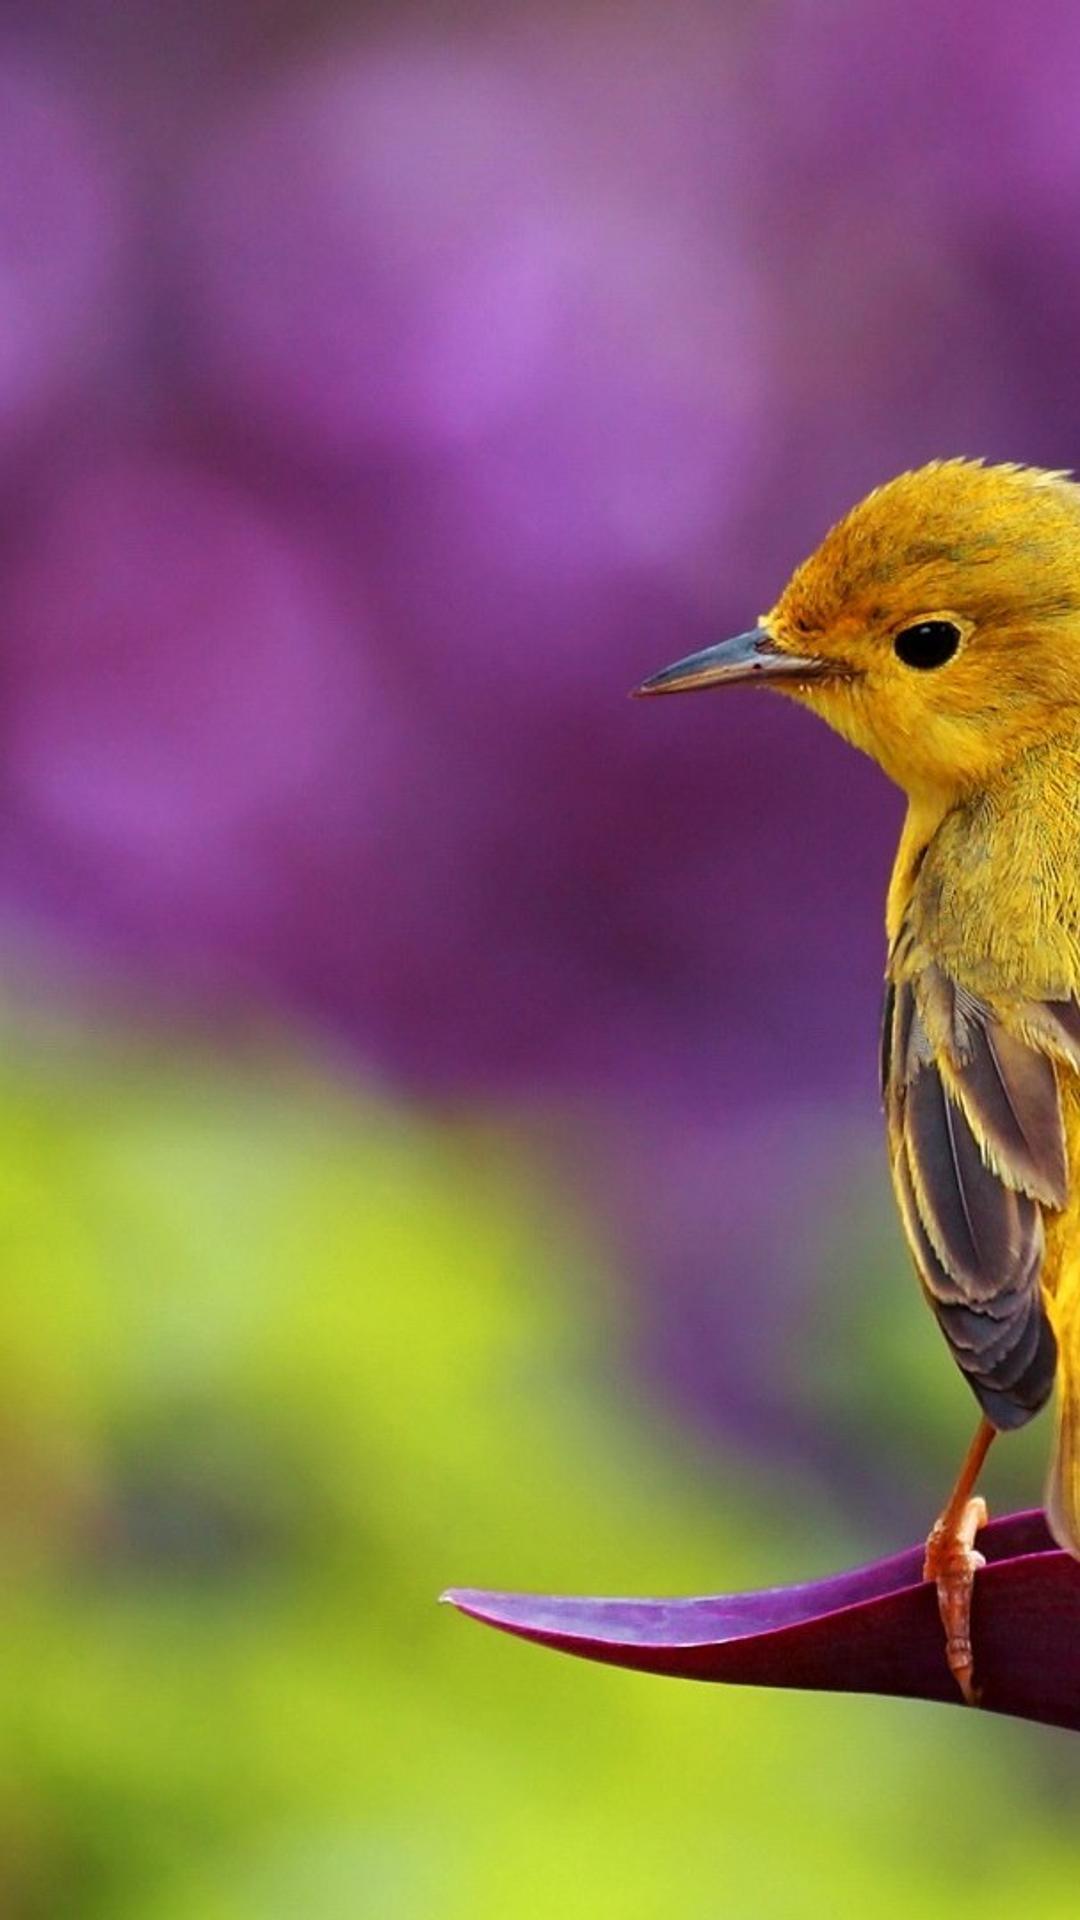 Cute Cartoon Bird Wallpapers Beautiful Yellow Bird Hd Spring Wallpaper Wallpaper